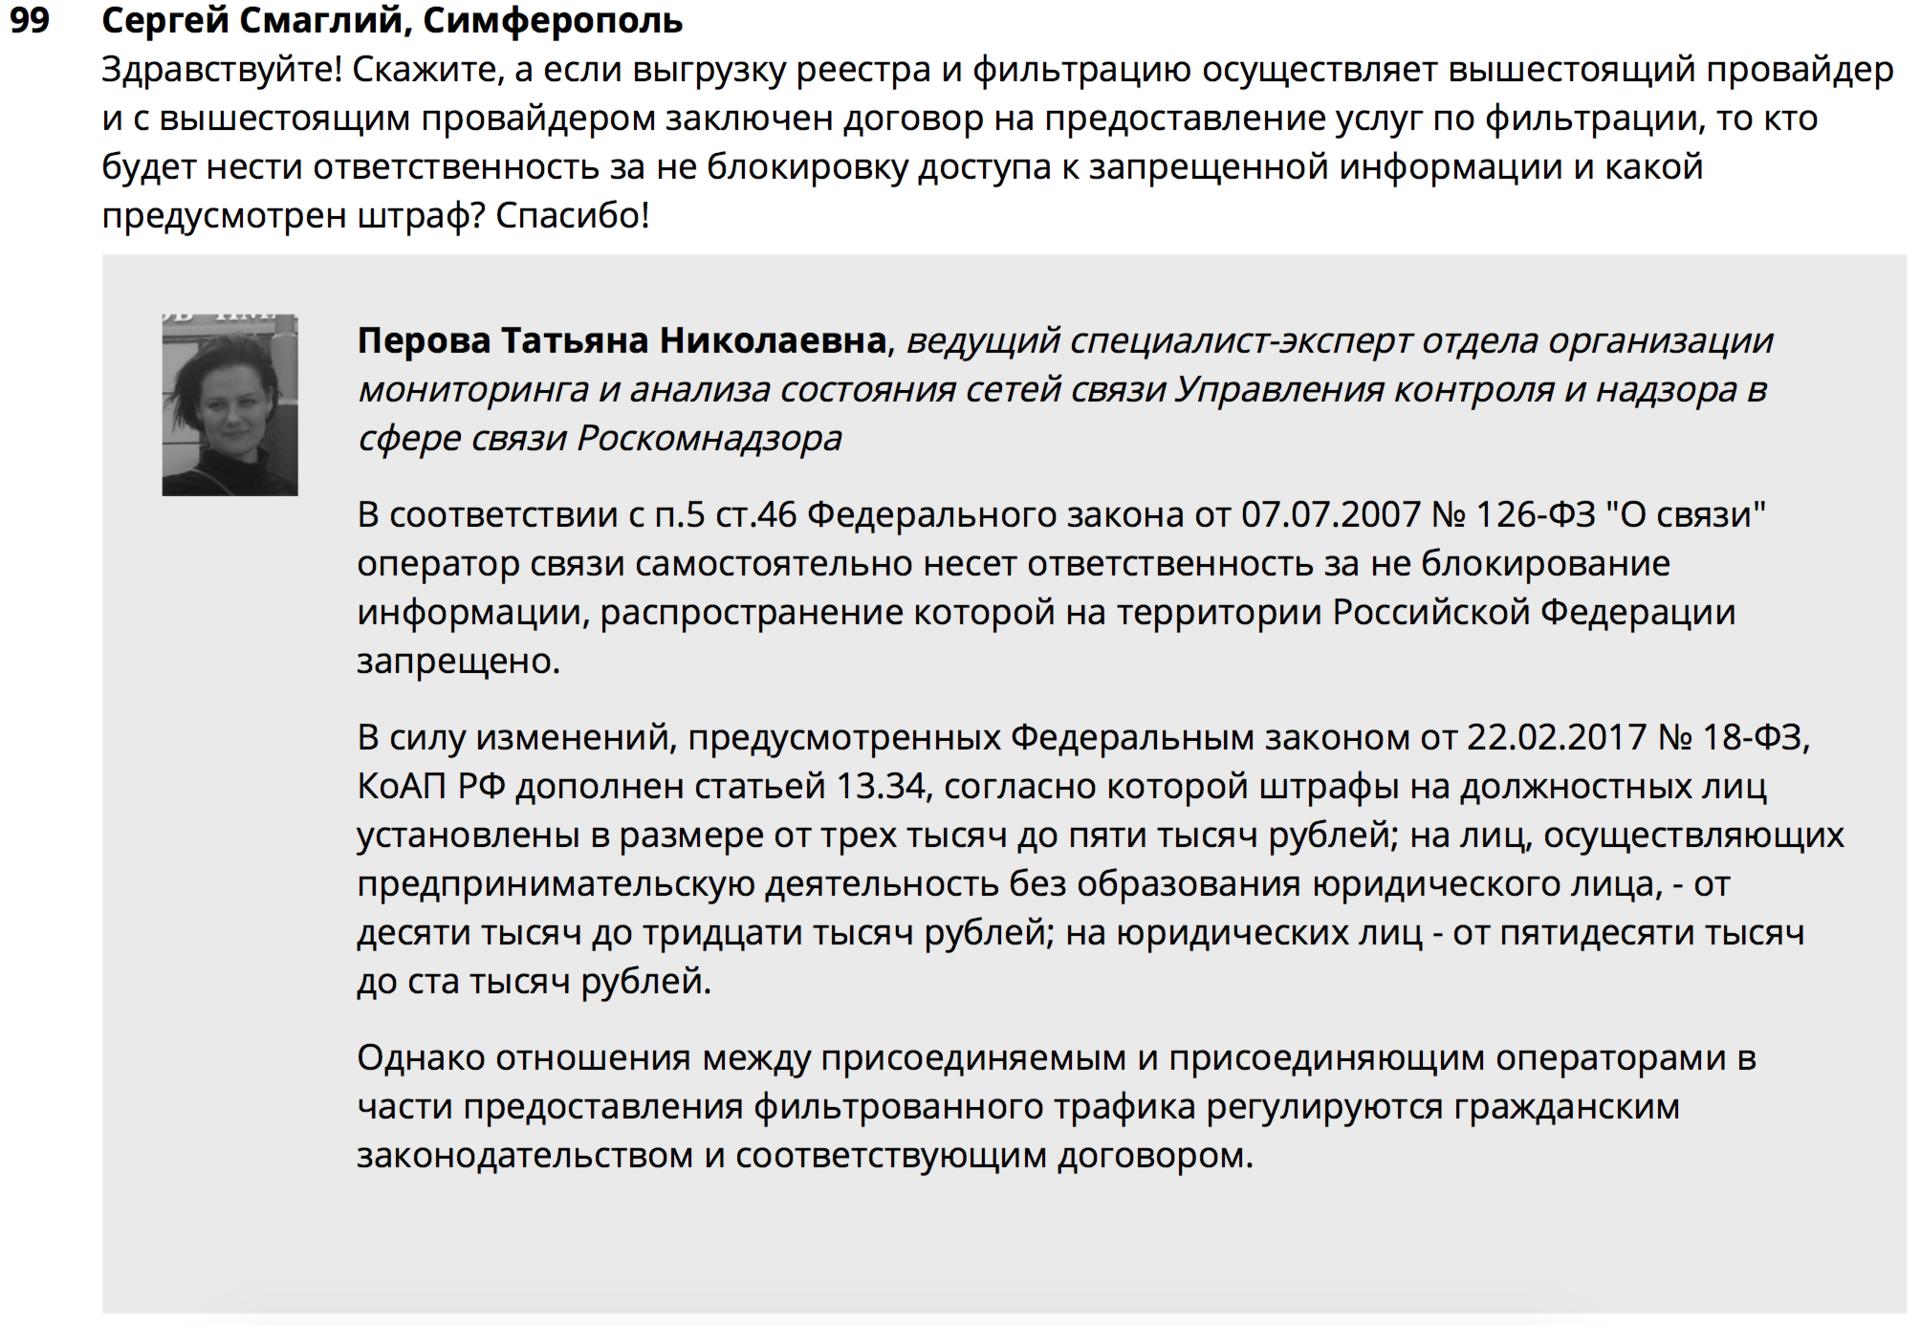 Анализ он-лайн конференций РКН на тему: «проблемные вопросы ограничения доступа к информации...» - 20